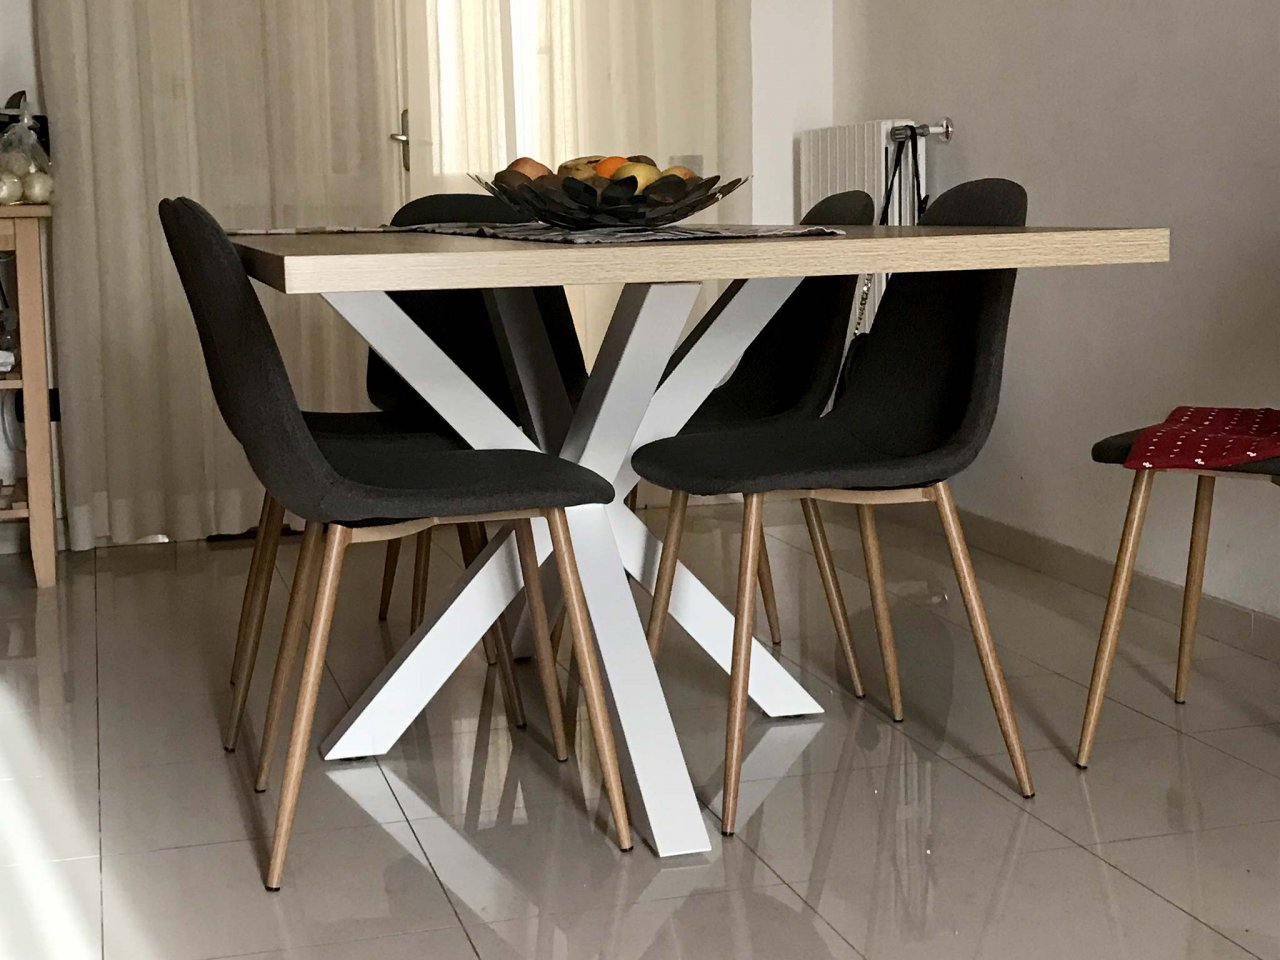 Scopri i Testimonial del prodotto Tavolo Asterisco 180 bianco e piano legno